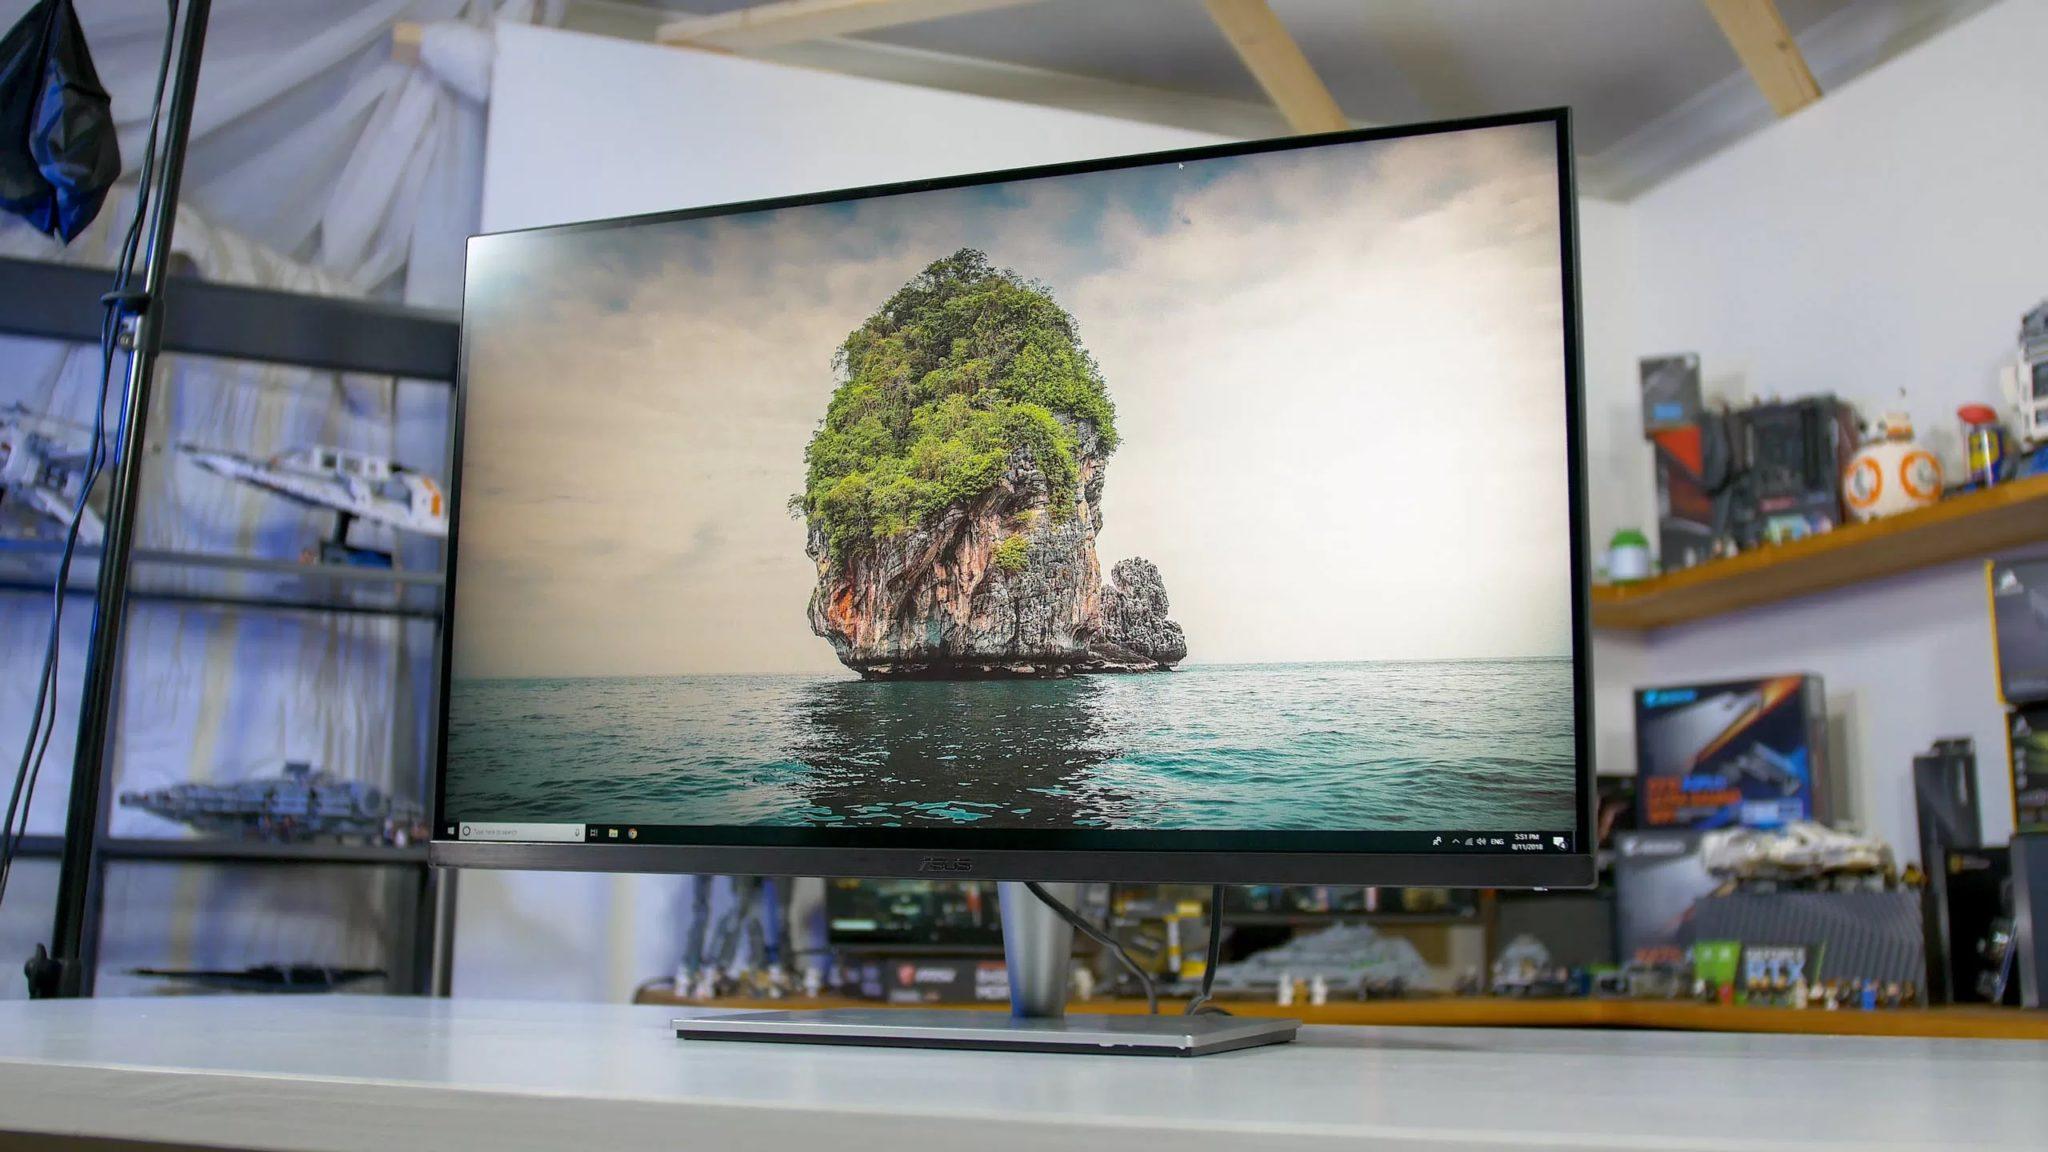 Монитор с морем и островом на рабочем столе